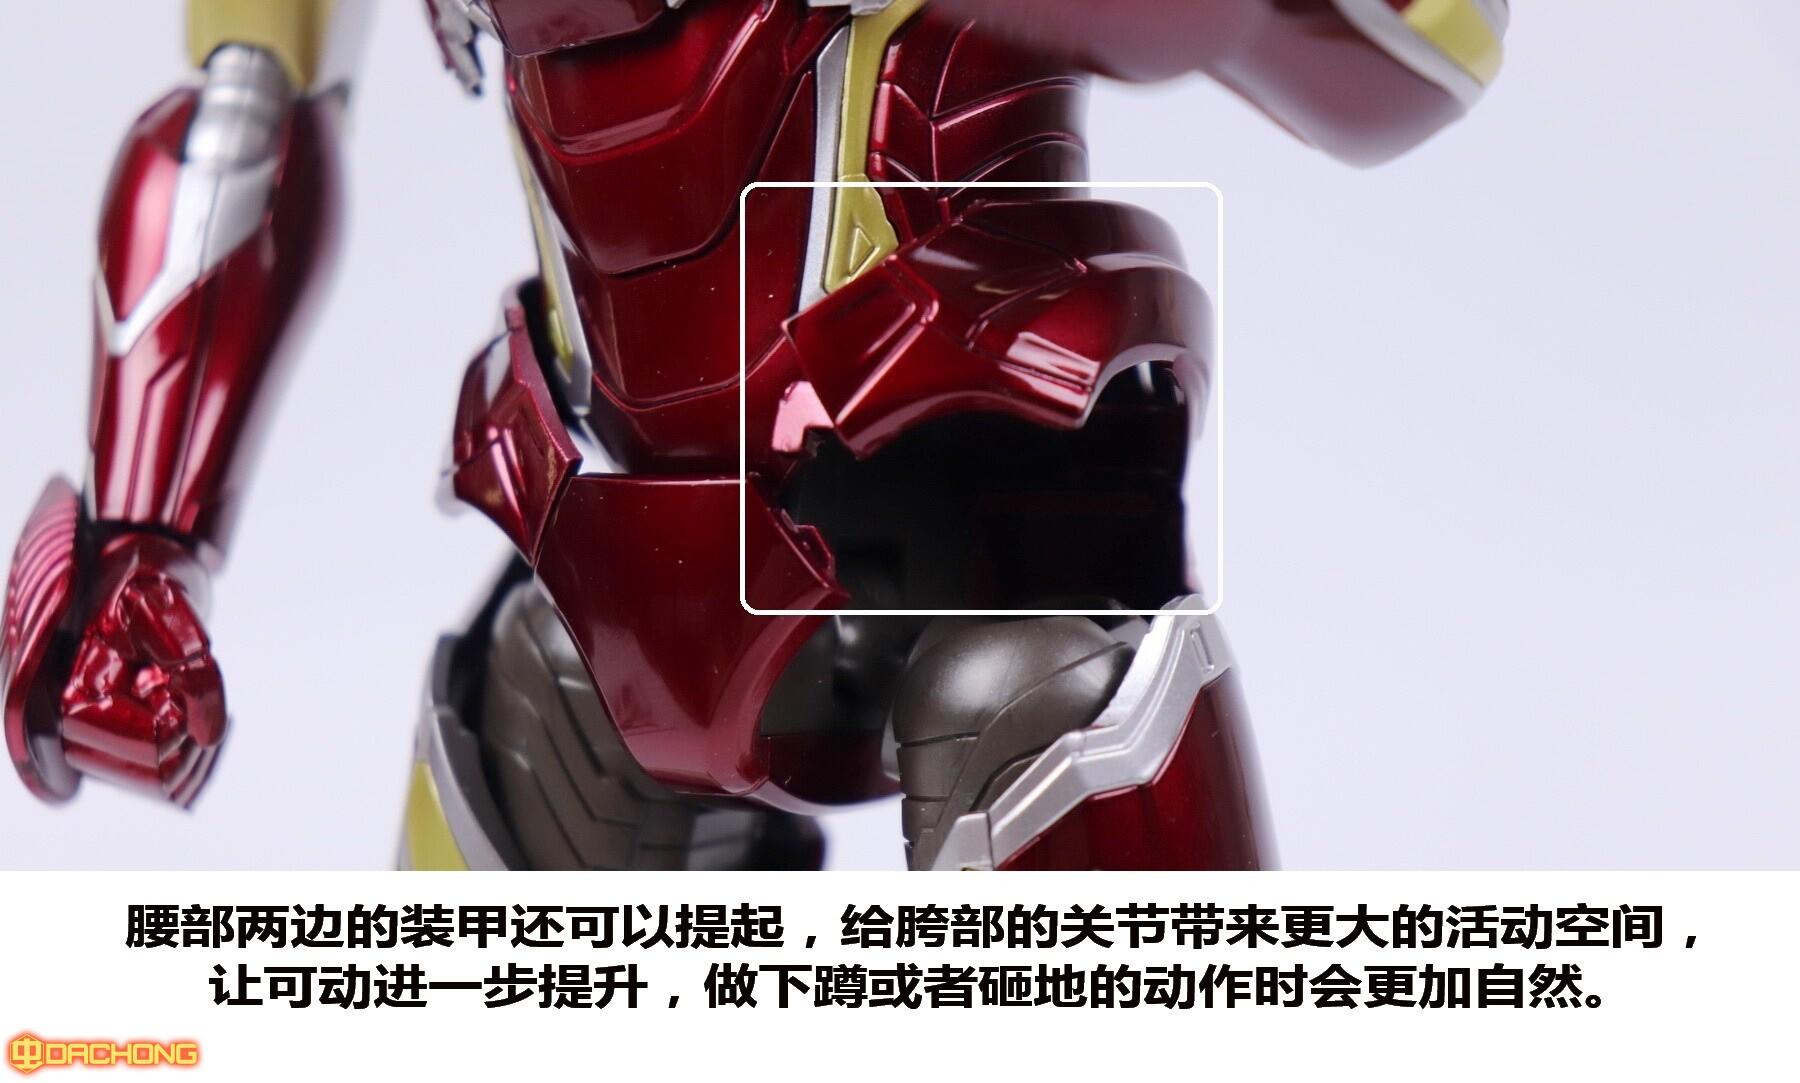 S498_2_e_model_ironman_mk85_dx_047.jpg